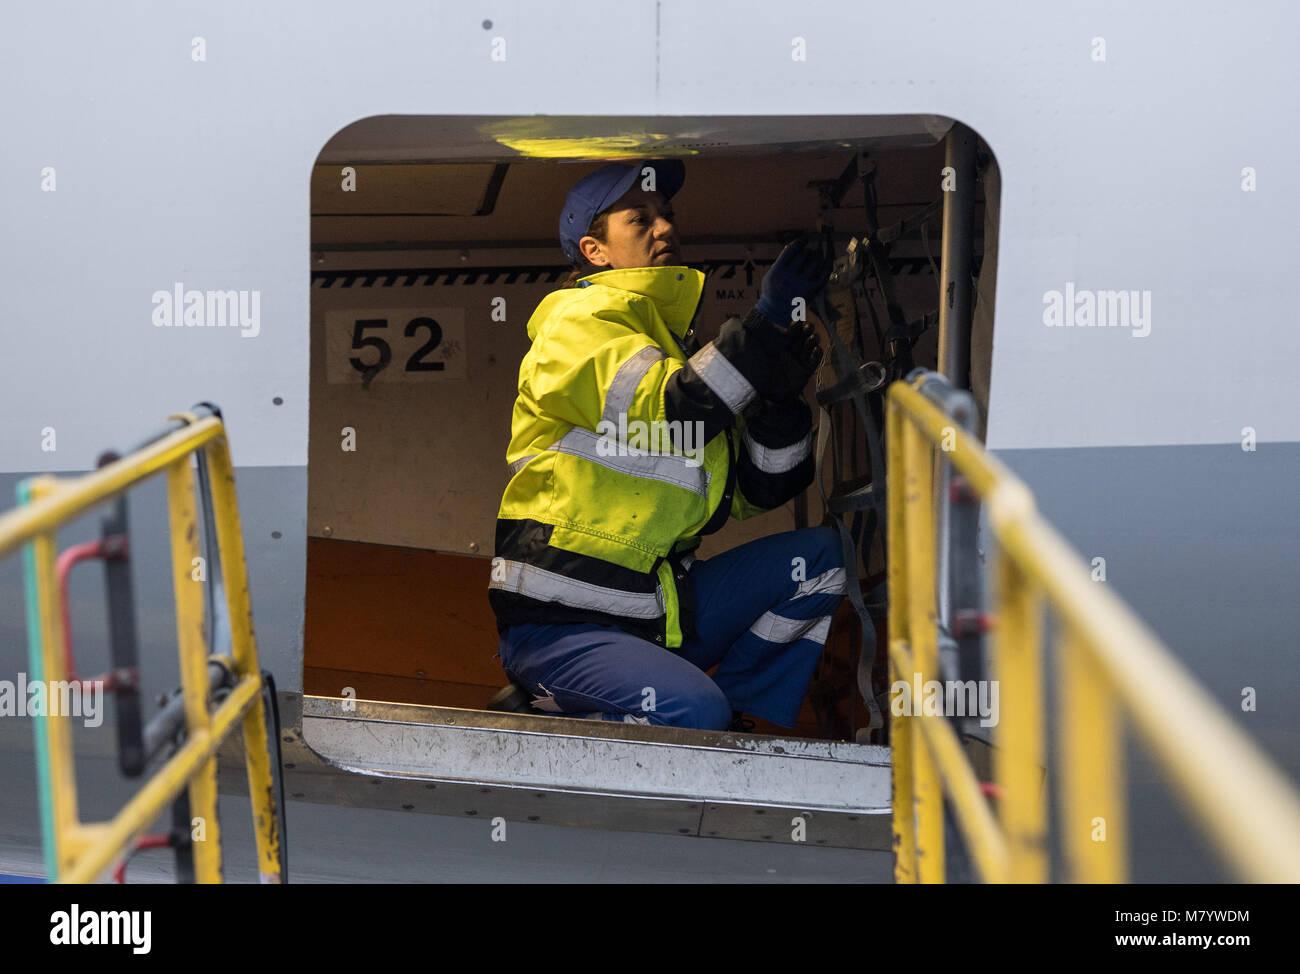 08 de marzo de 2018, Alemania, Frankfurt: Sevim Sejdijaj, encargado de las operaciones de manipulación en tierra, Imagen De Stock